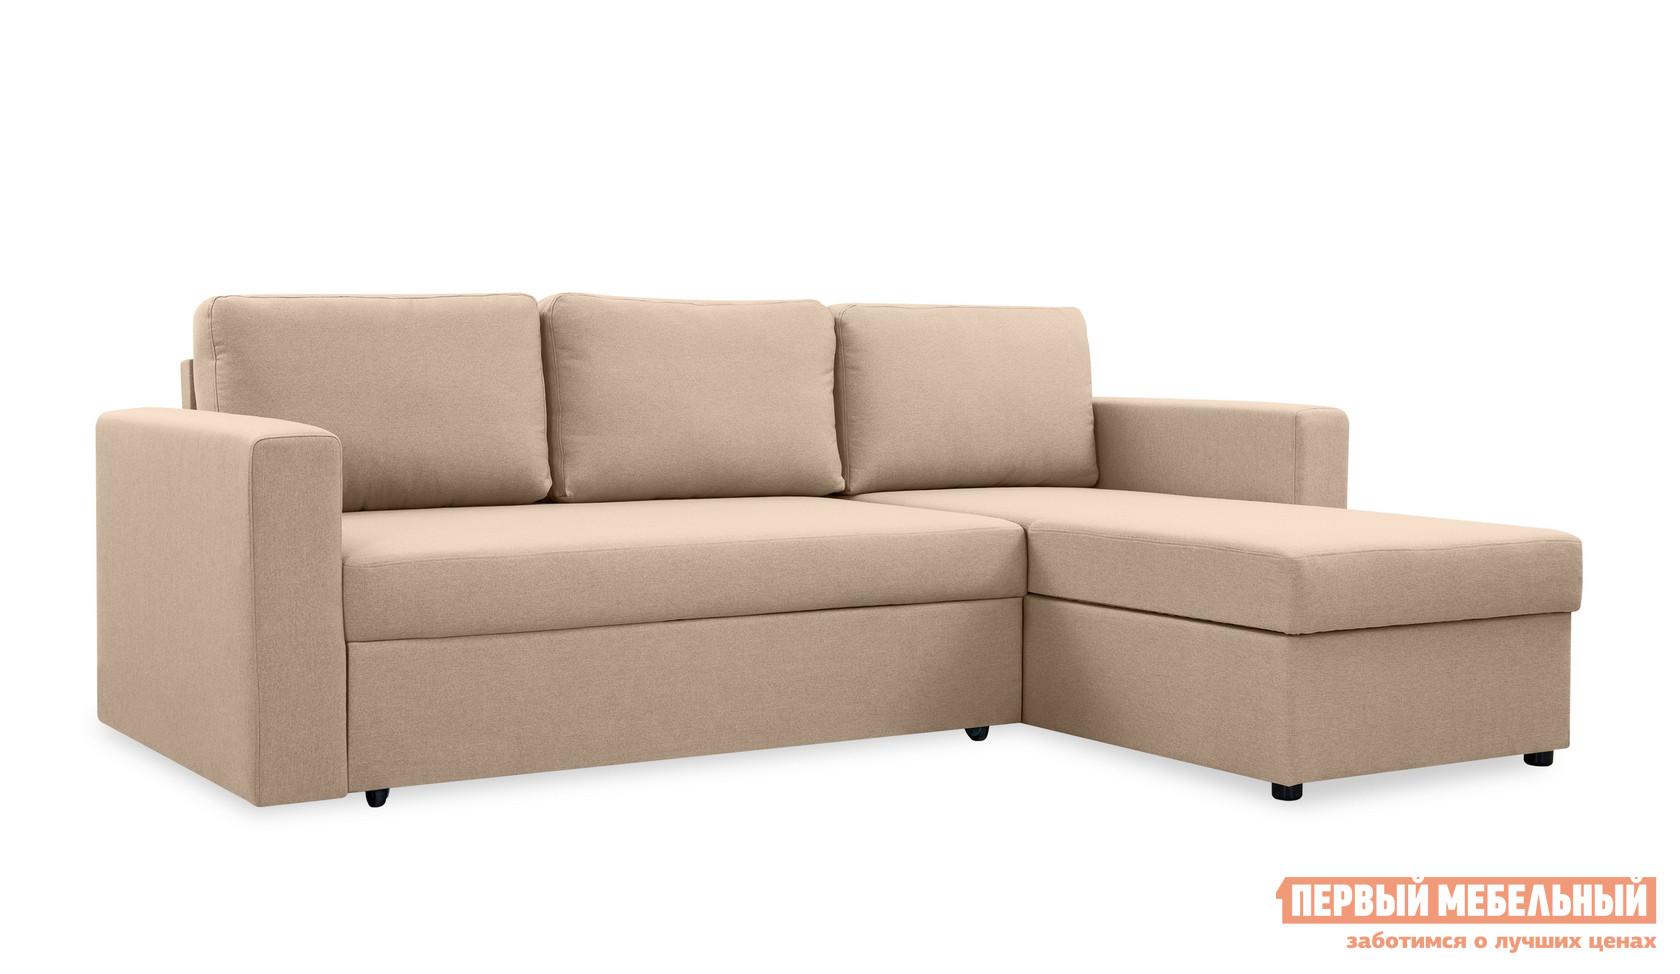 Мебельная фабрика угловой диван в Москве